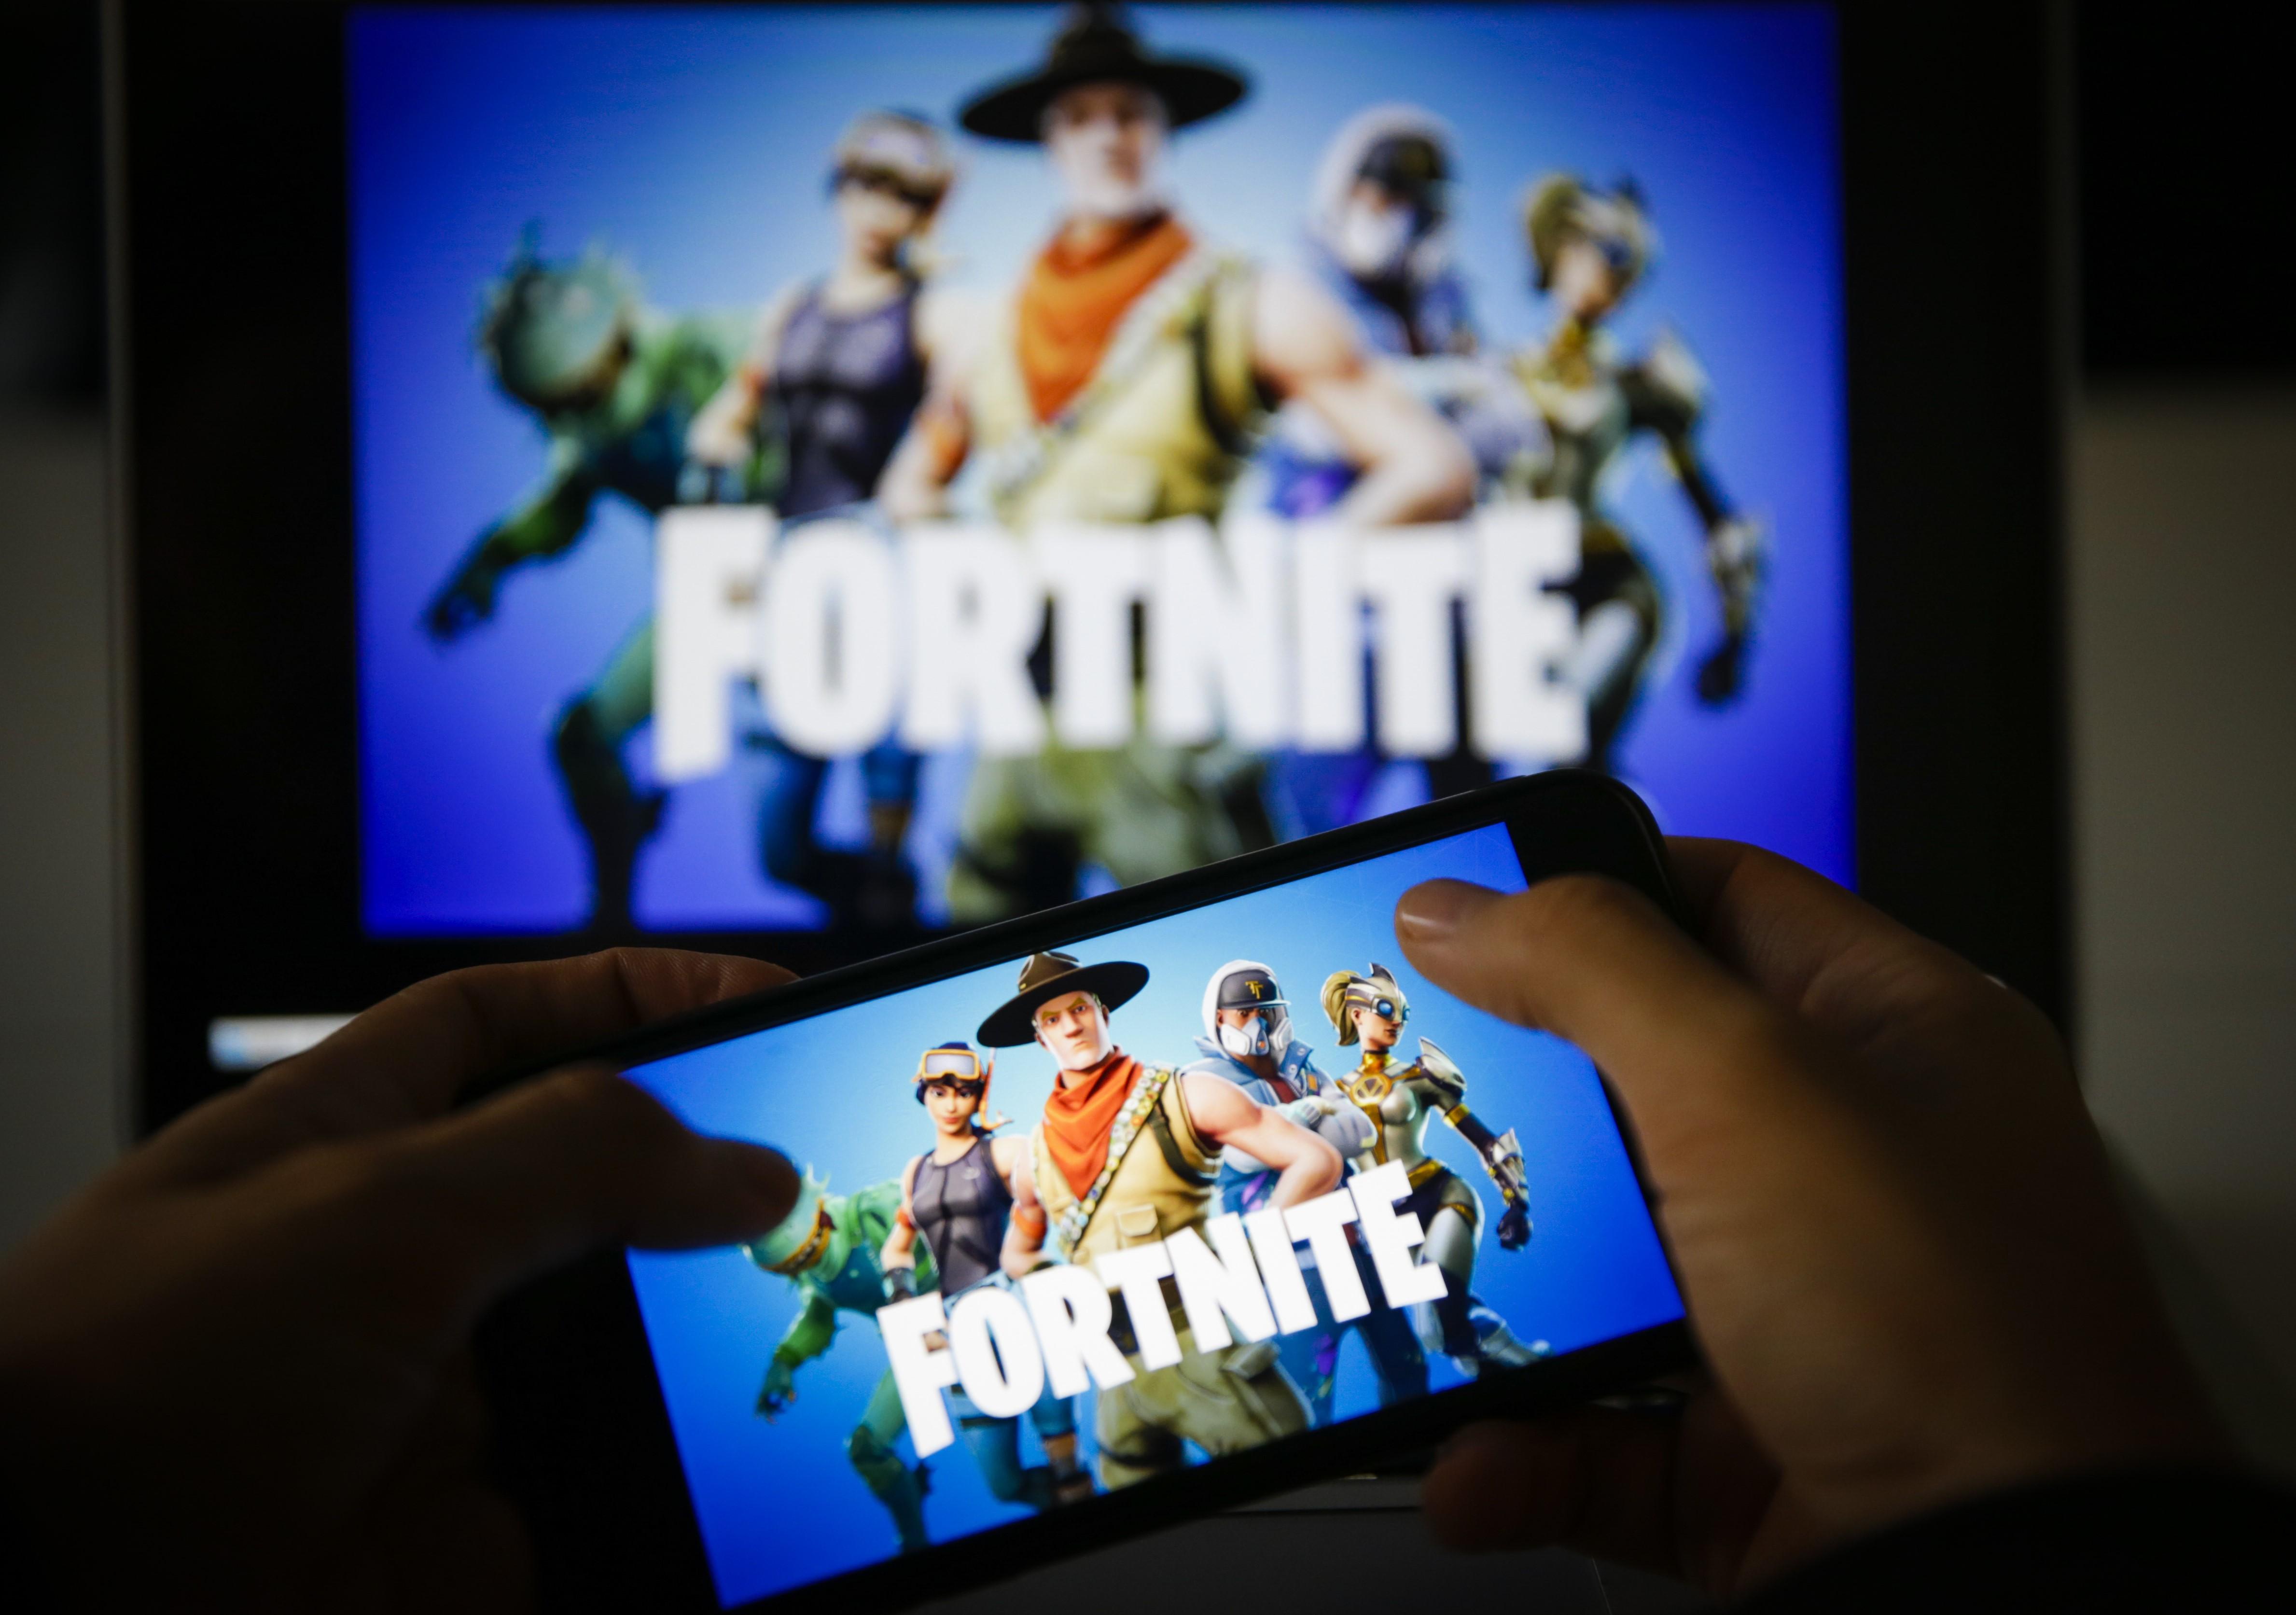 Több mint 3 millió dollárt nyert Fortnite-on a győztes páros minden idők legnagyobb díjazású esport-versenyén